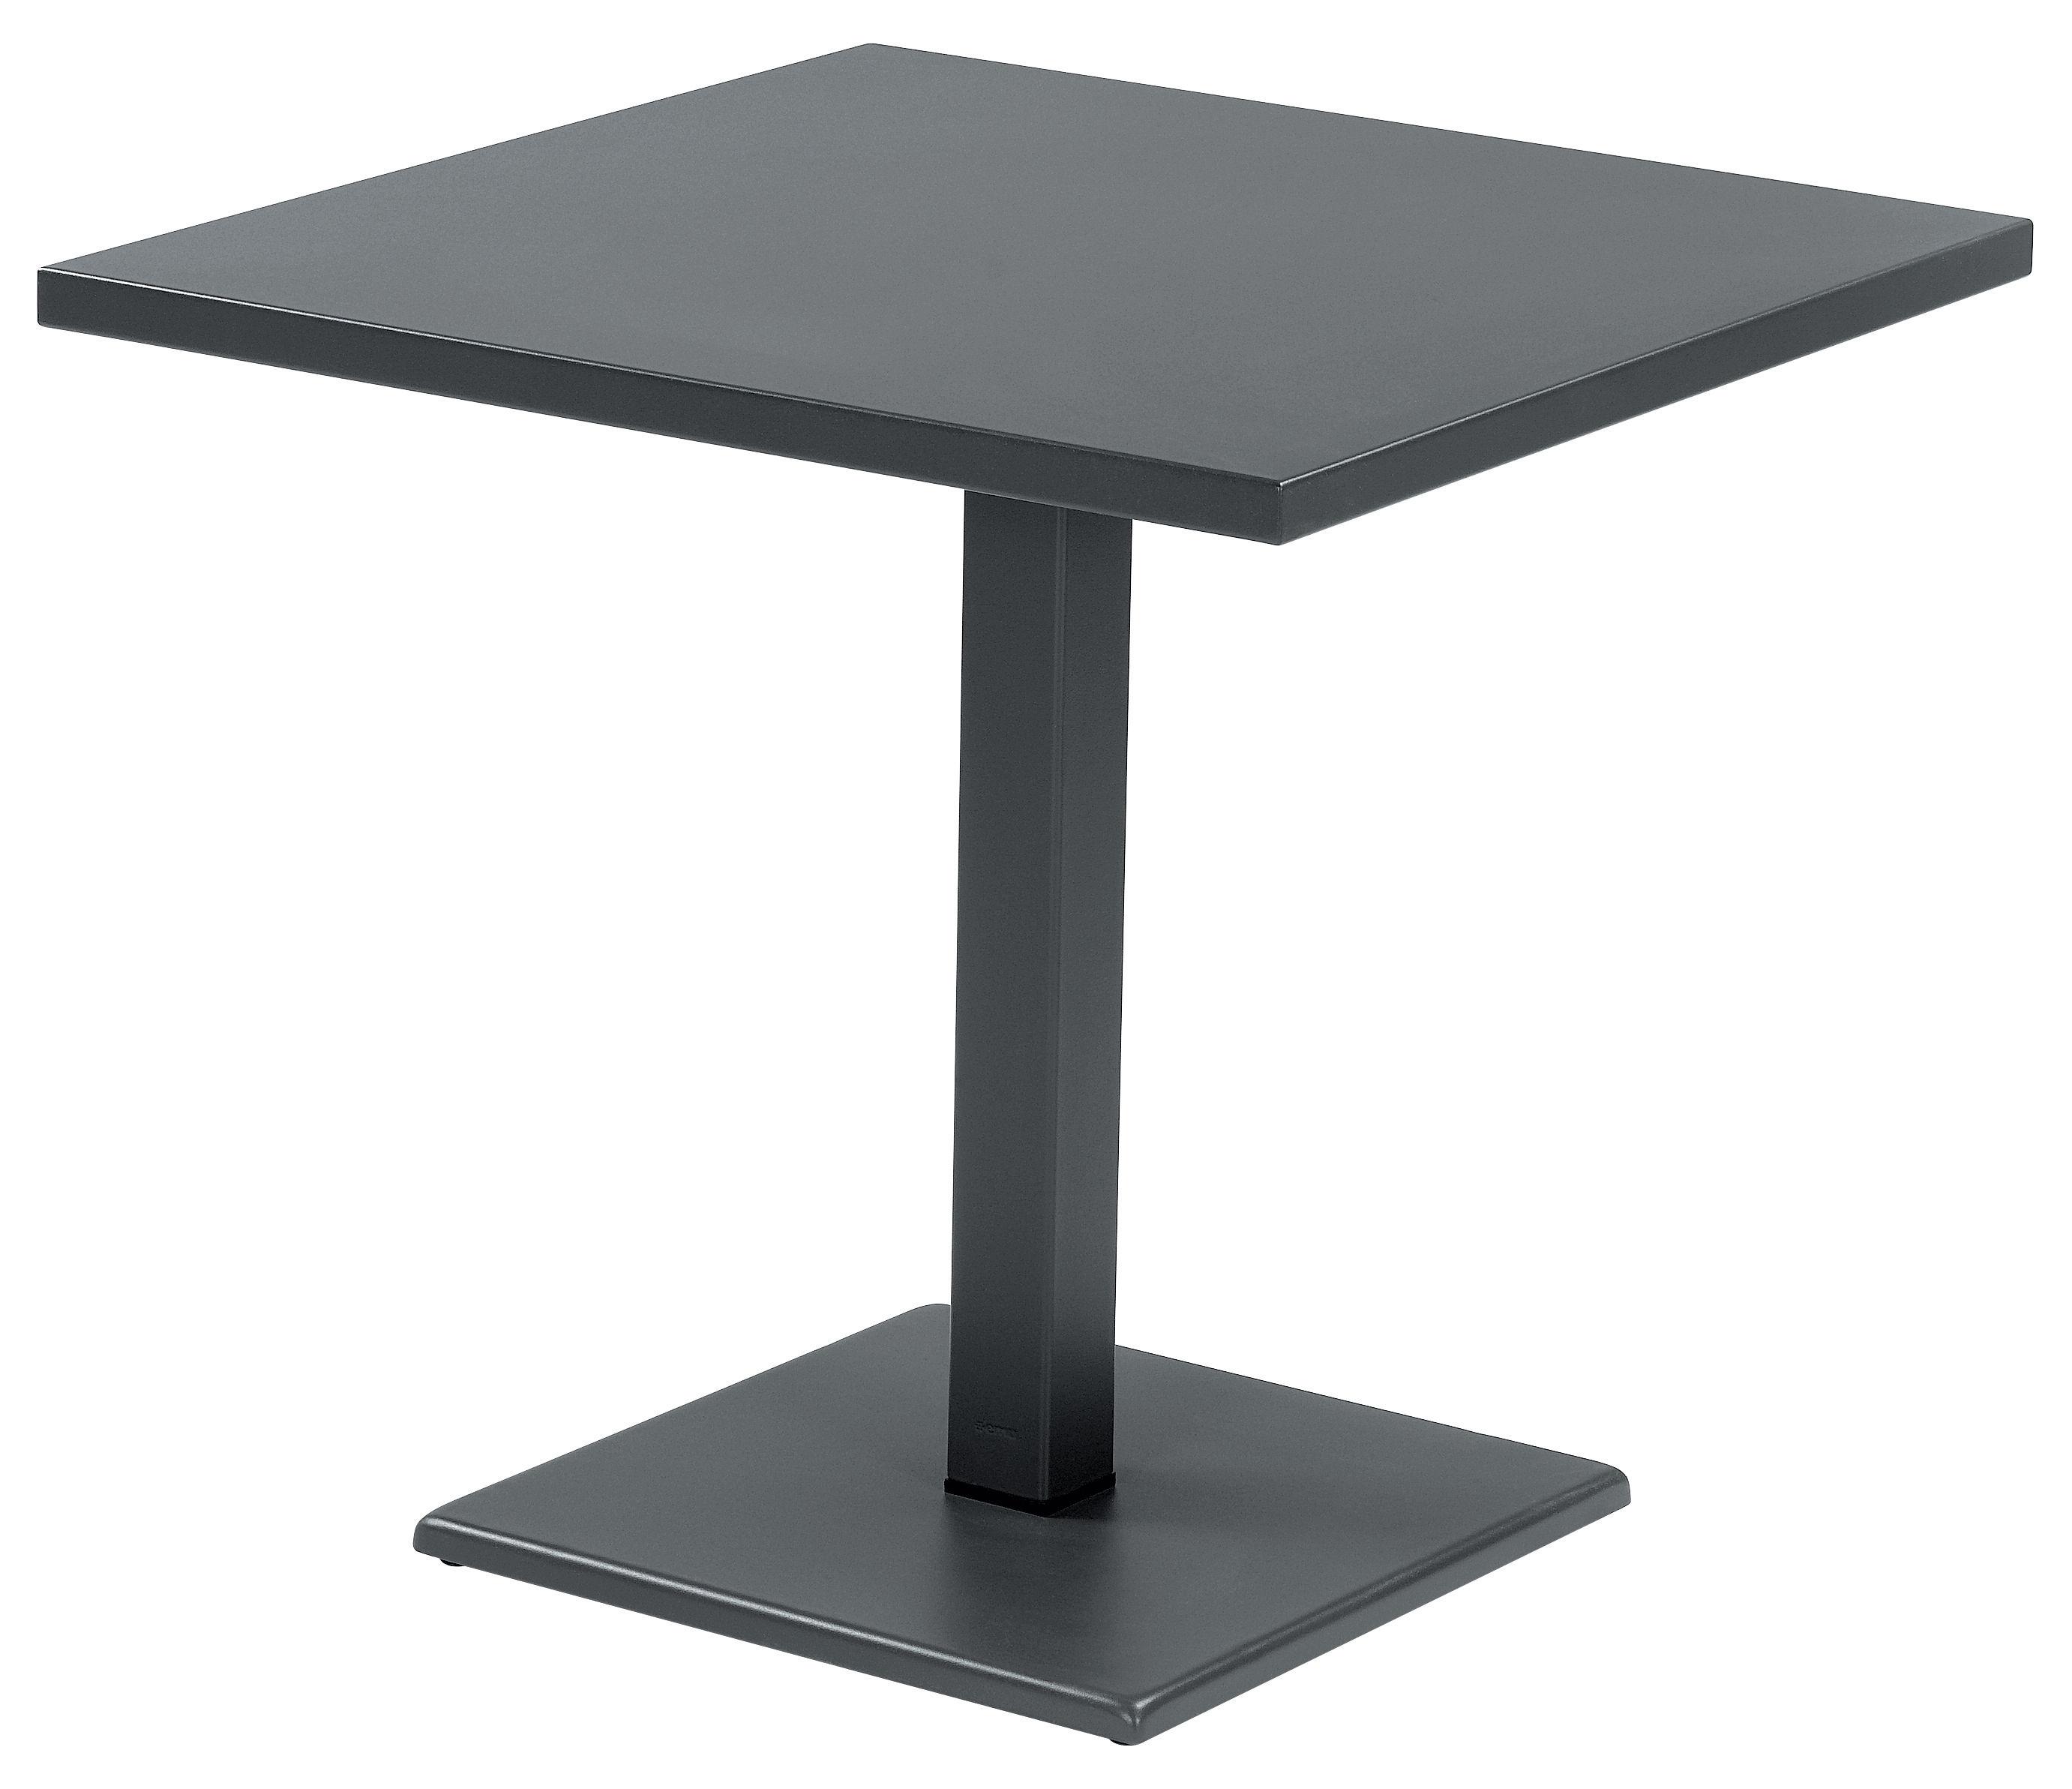 Outdoor - Tische - Round Table carrée 80 x 80 cm - Emu - Eisen (dunkel) - Stahl